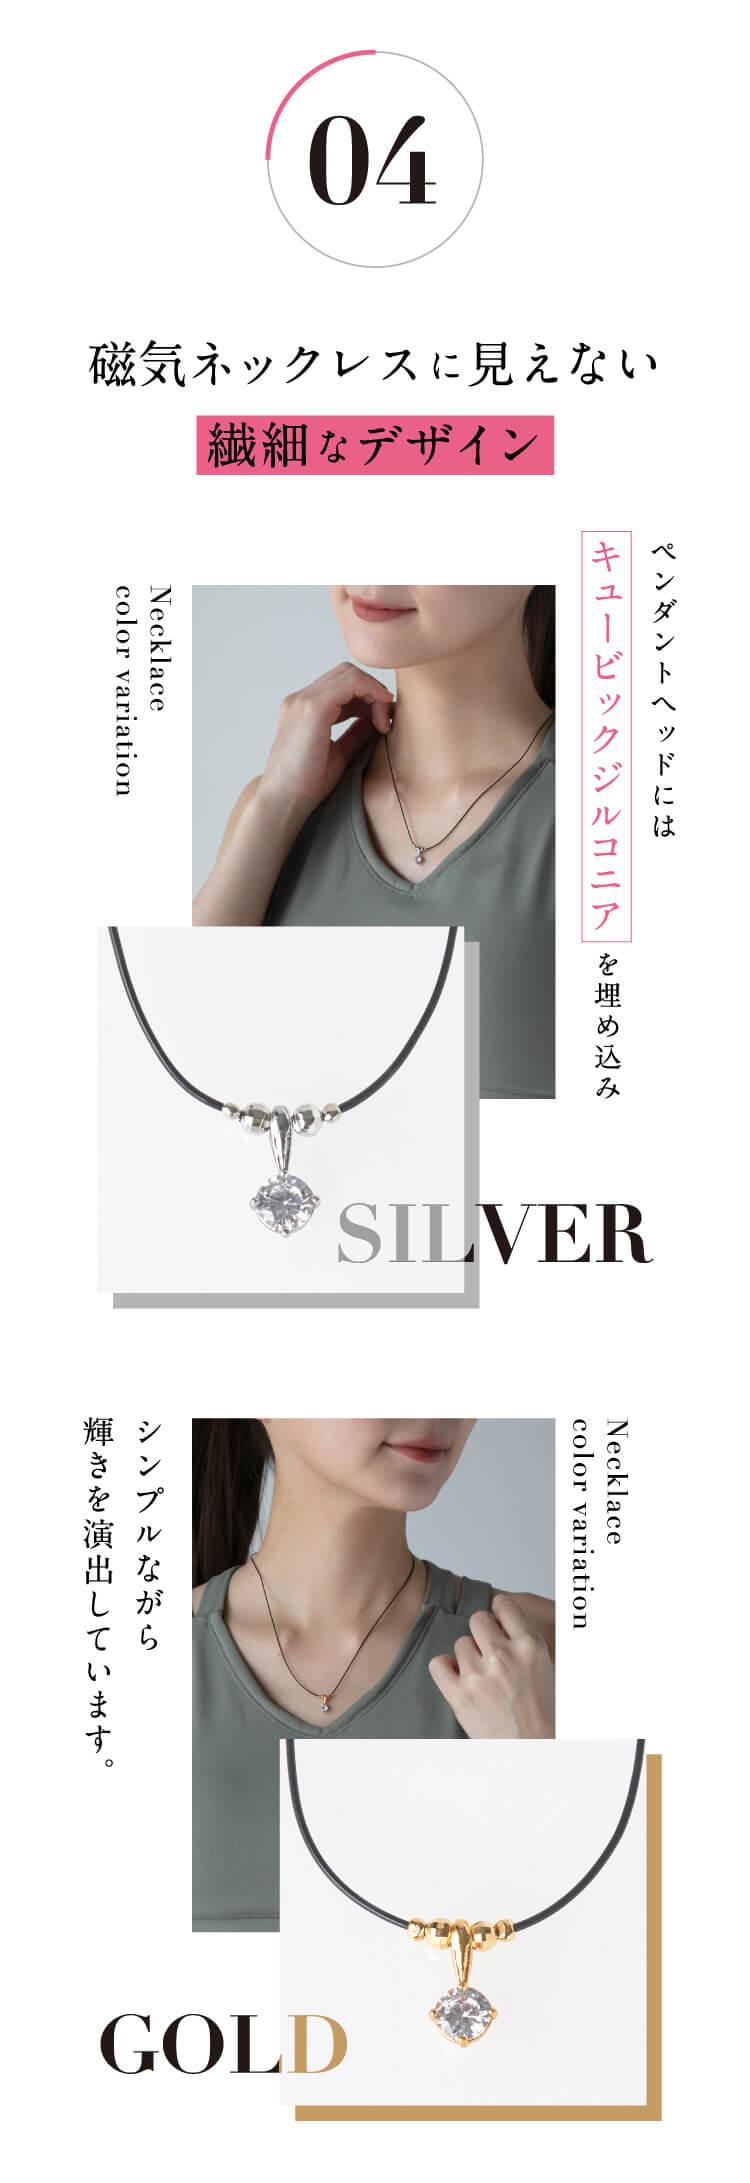 4.磁気ネックレスには見えない繊細なデザイン